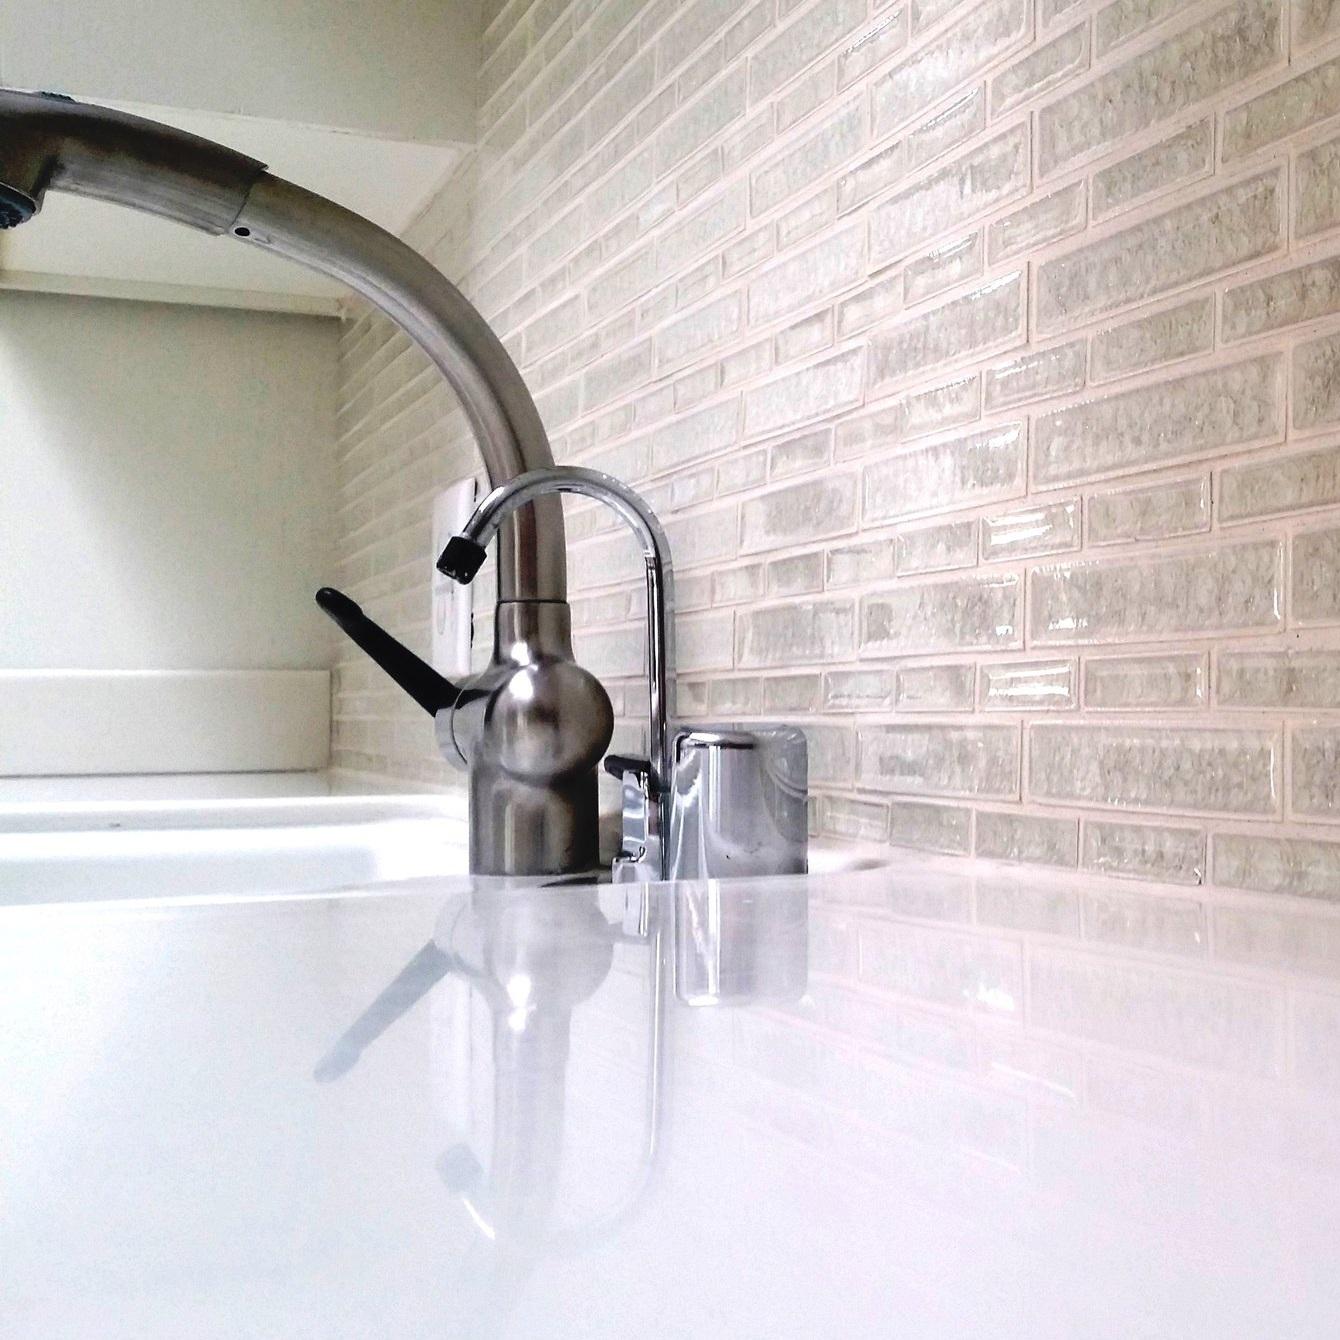 backsplash & plumbing fixture selection -